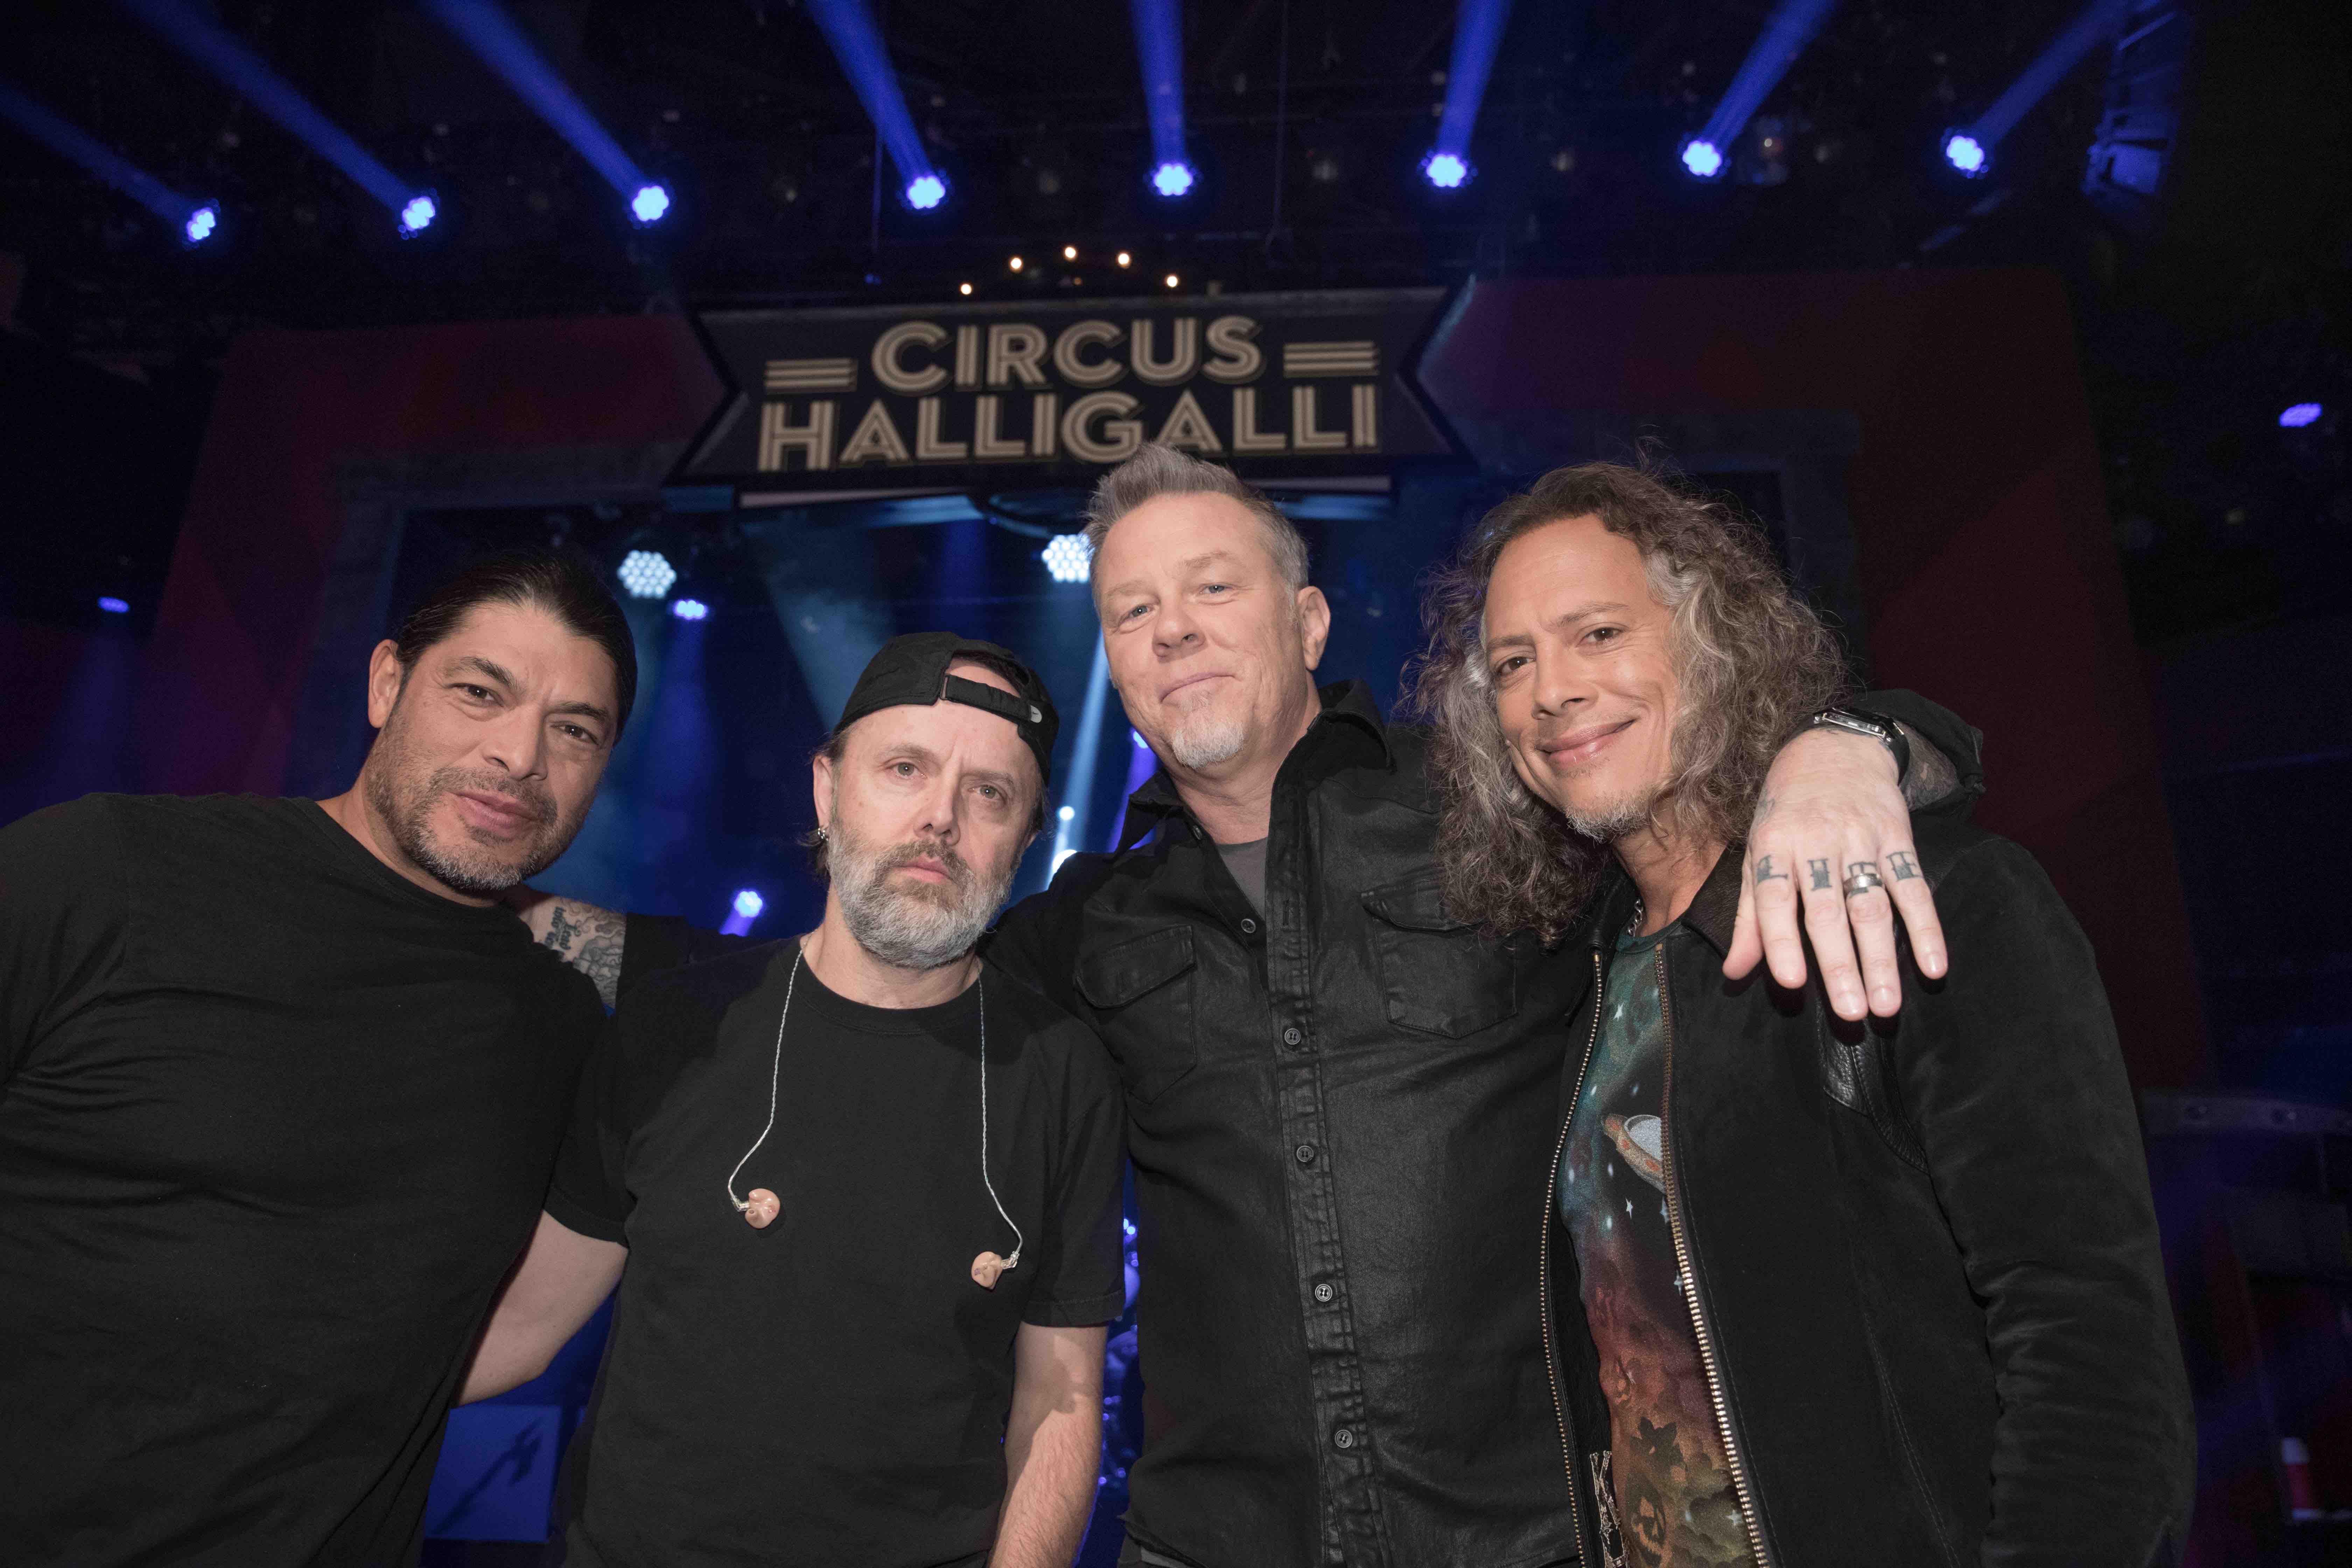 Die US-amerikanische Metal-Band Metallica, Robert Trujillo, Lars Ulrich, James Hetfield und Kirk Hammett (l-r) ist zu Gast in